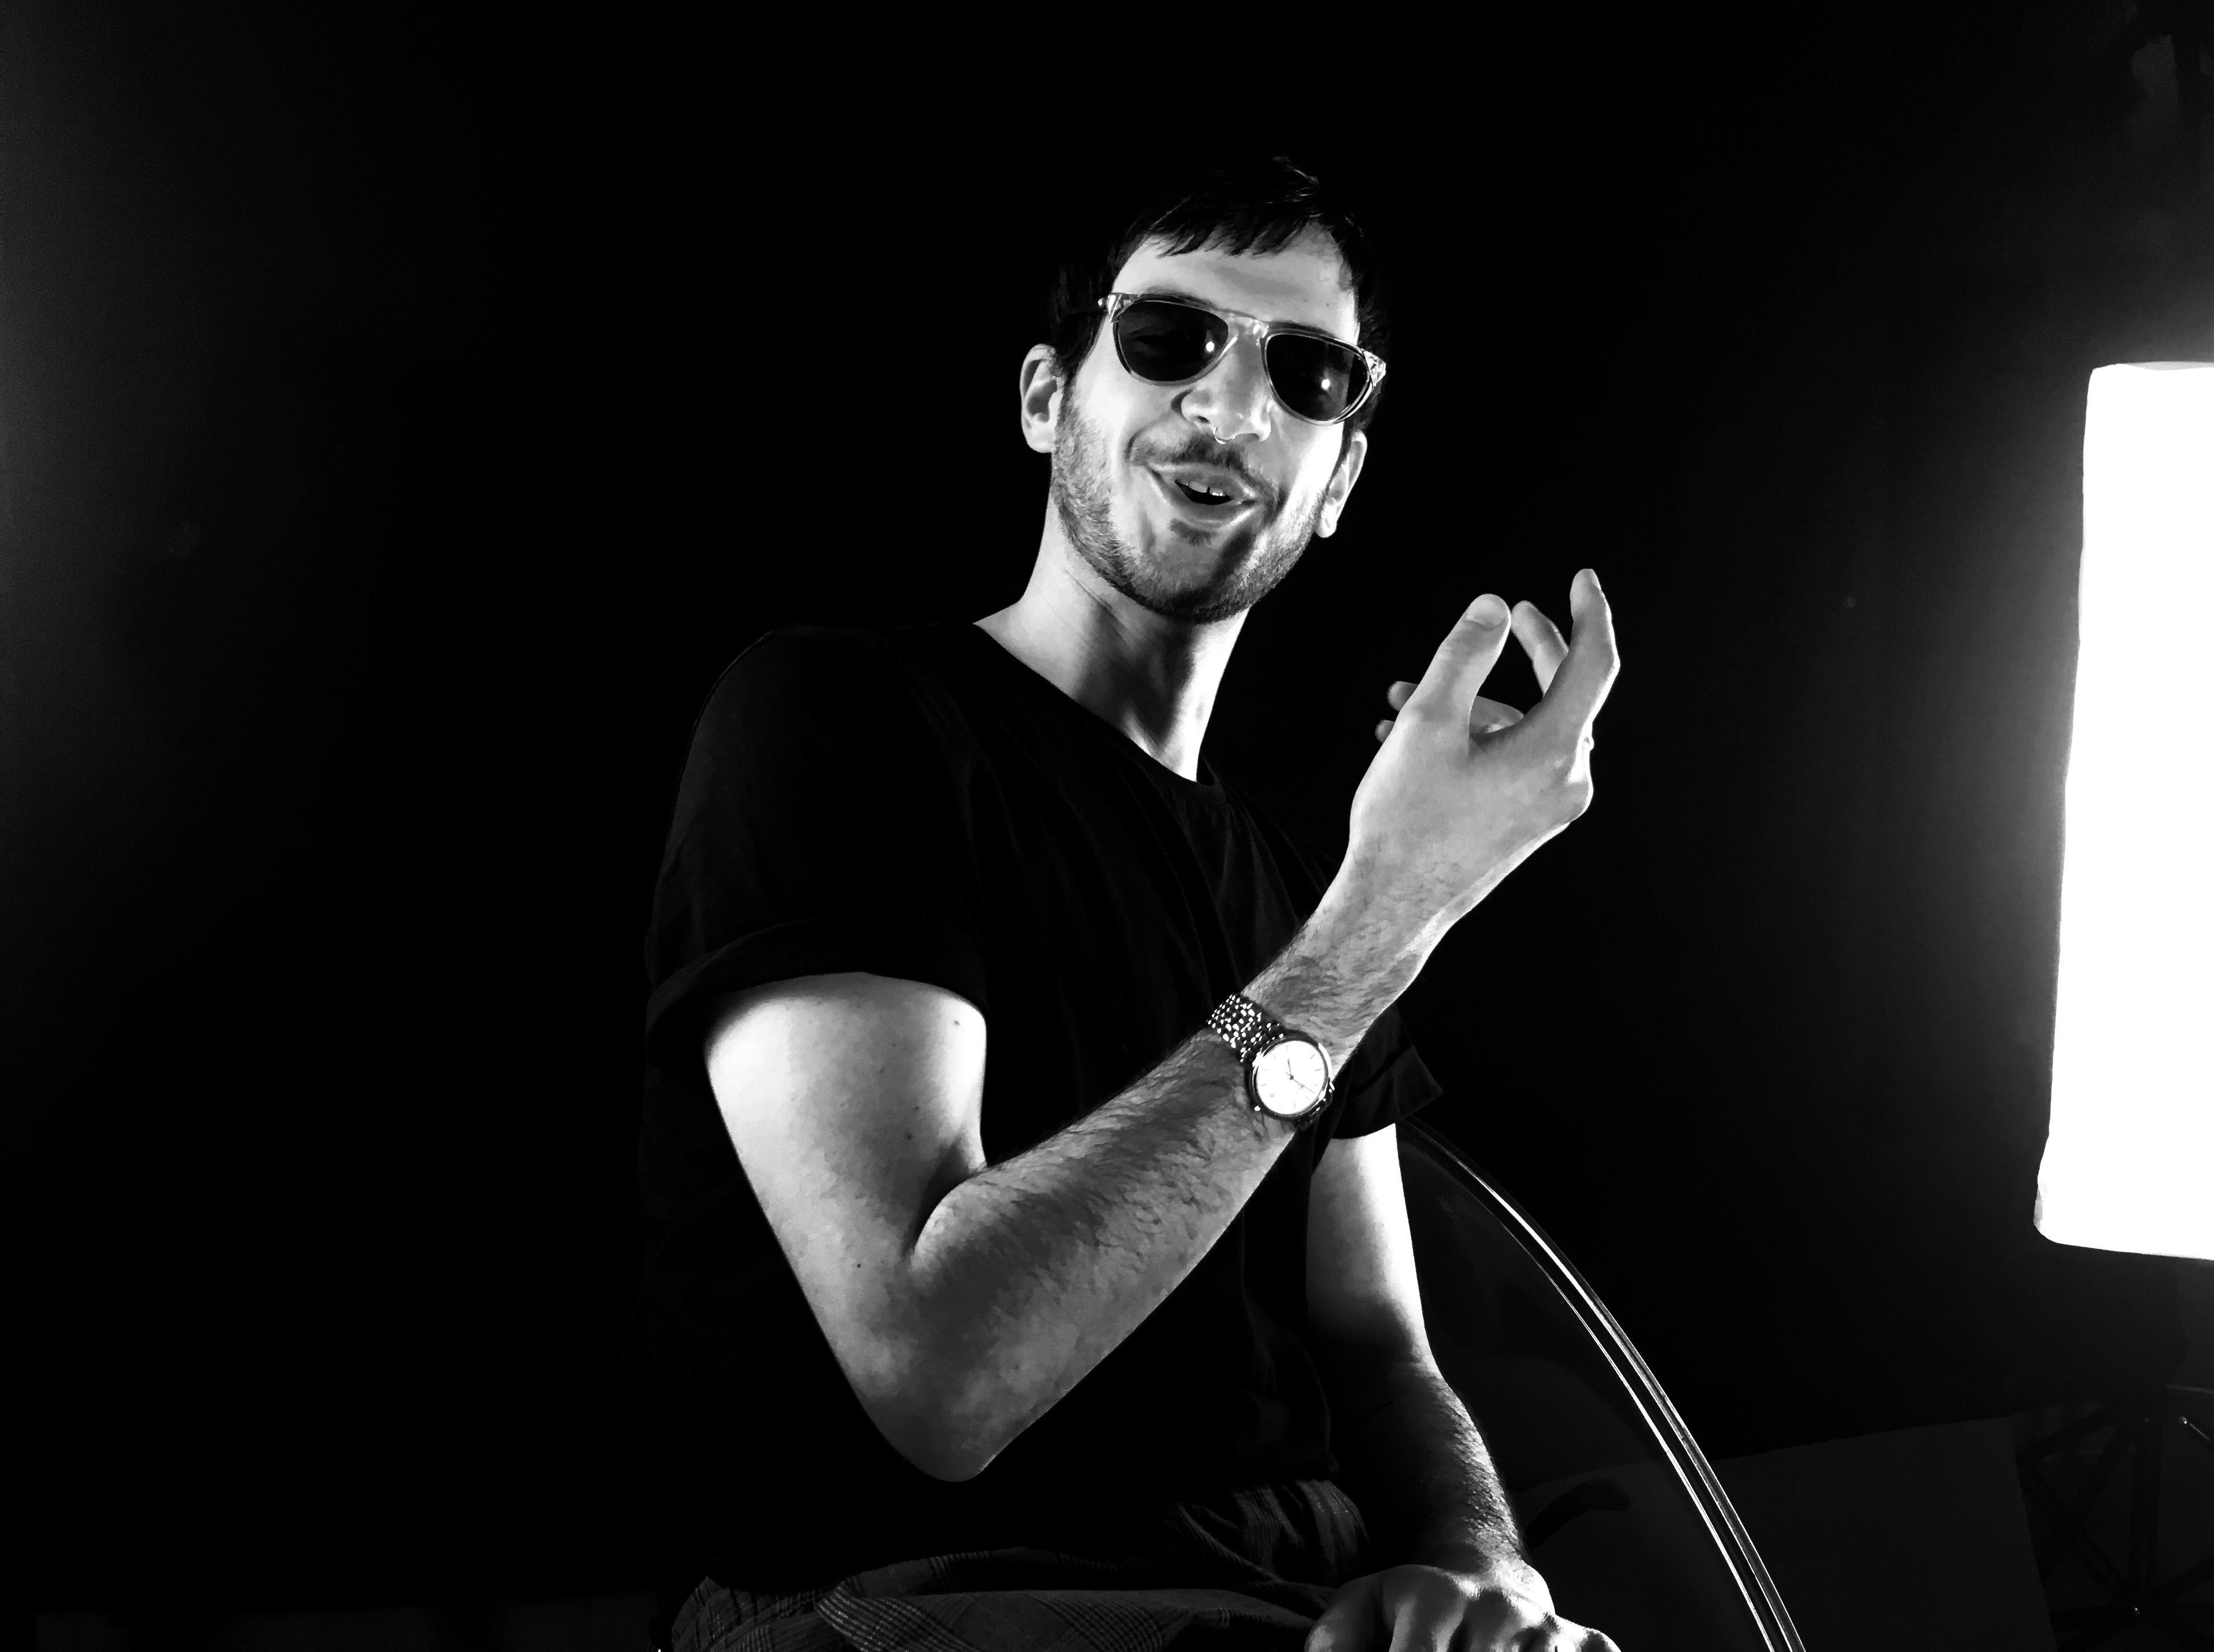 Matteo Mauro